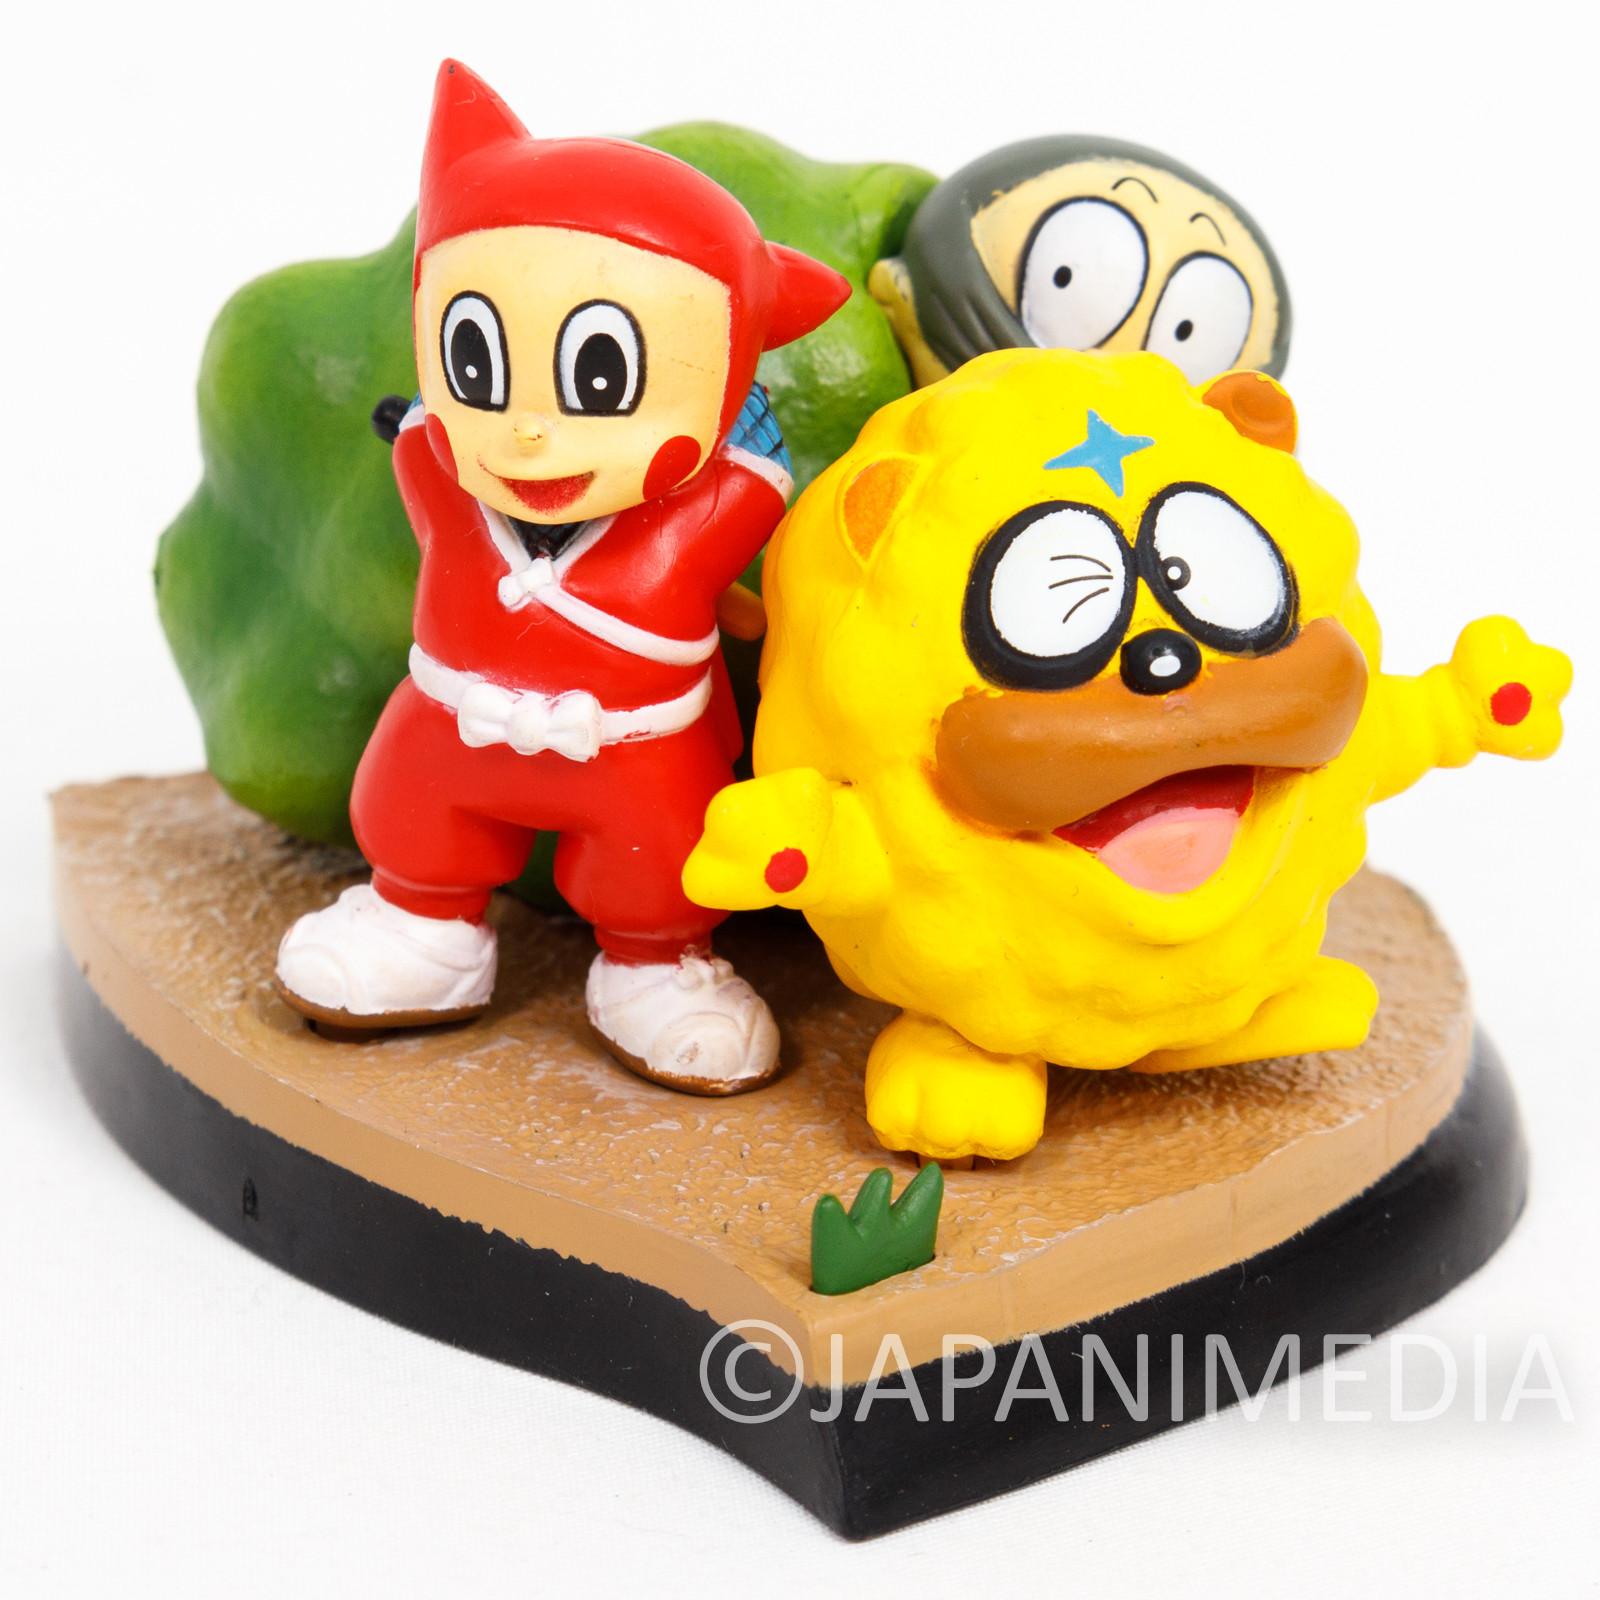 Retro RARE Ninja Hattori Kun Shinzo & Shishimaru Diorama Figure JAPAN ANIME